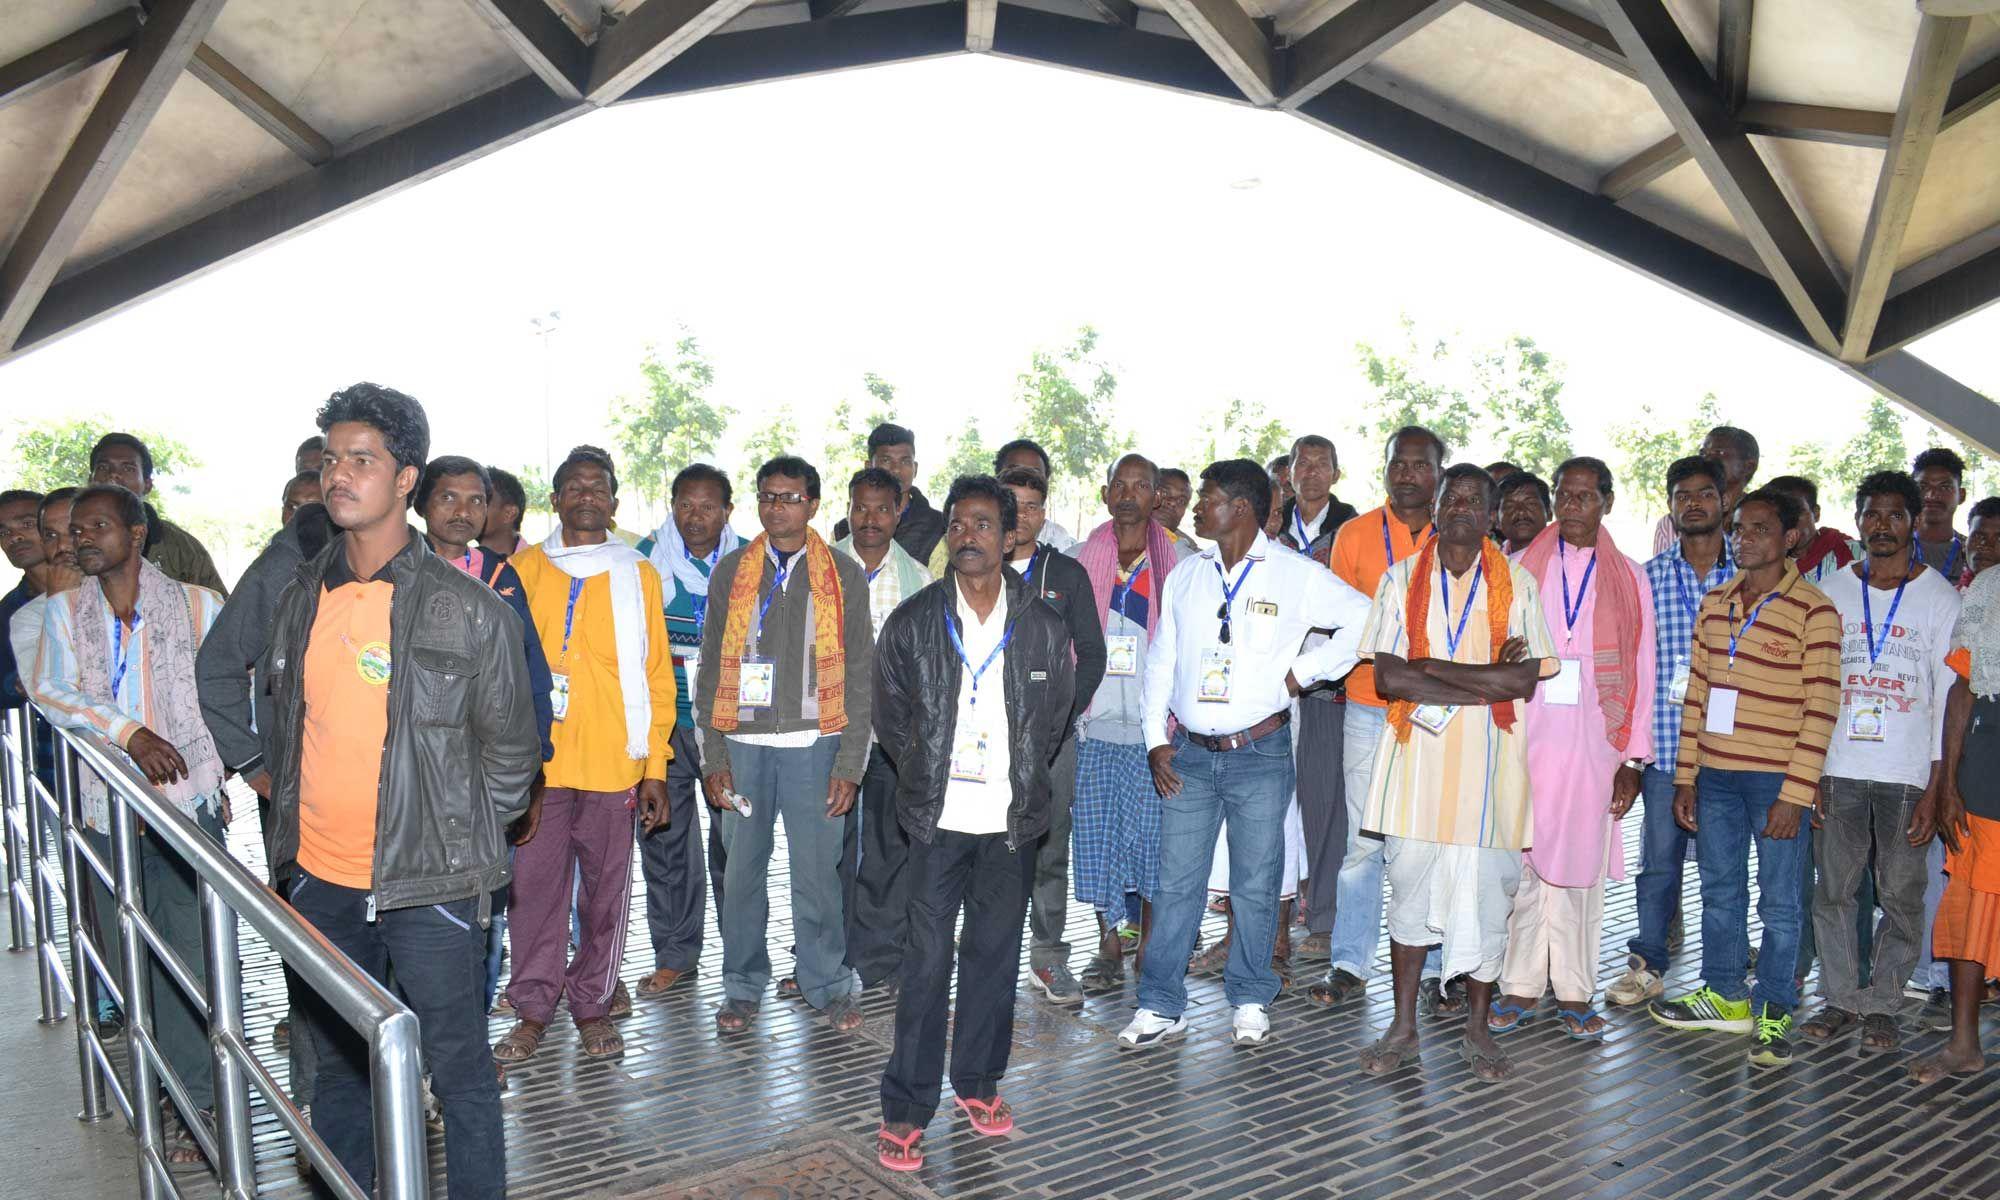 सुकमा जिले के सहकारिता प्रतिनिधियों ने सचिव एवं प्रशासनिक ब्लाक का भ्रमण किया. प्रदेश के प्रशासनिक कार्यों के नियन्त्रण का मुख्यालय है मंत्रालय. यहाँ रजिस्ट्रार श्री भगवान सिंह कुशवाहा ने उन्हें मंत्रालय की संरचना और व्यवस्था की जानकारी दी. रैम्प पर चलकर पांचवी मंजिल तक पहुंचे प्रतिनिधियों ने नया रायपुर का नजारा देखा.